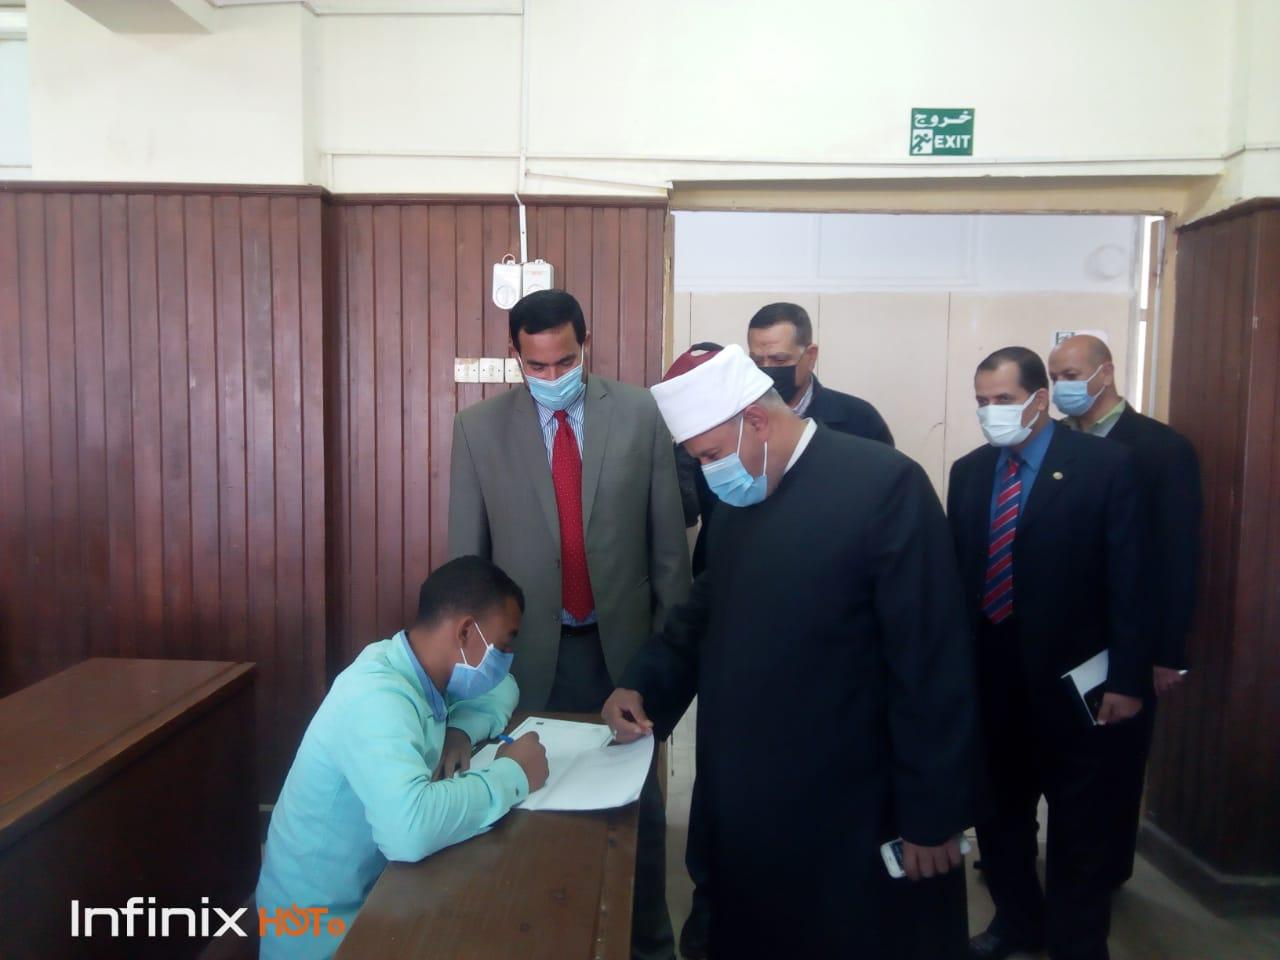 نائب رئيس جامعة الأزهر يشيد بجهود إدارة كلية أصول الدين خلال زيارة مفاجئة